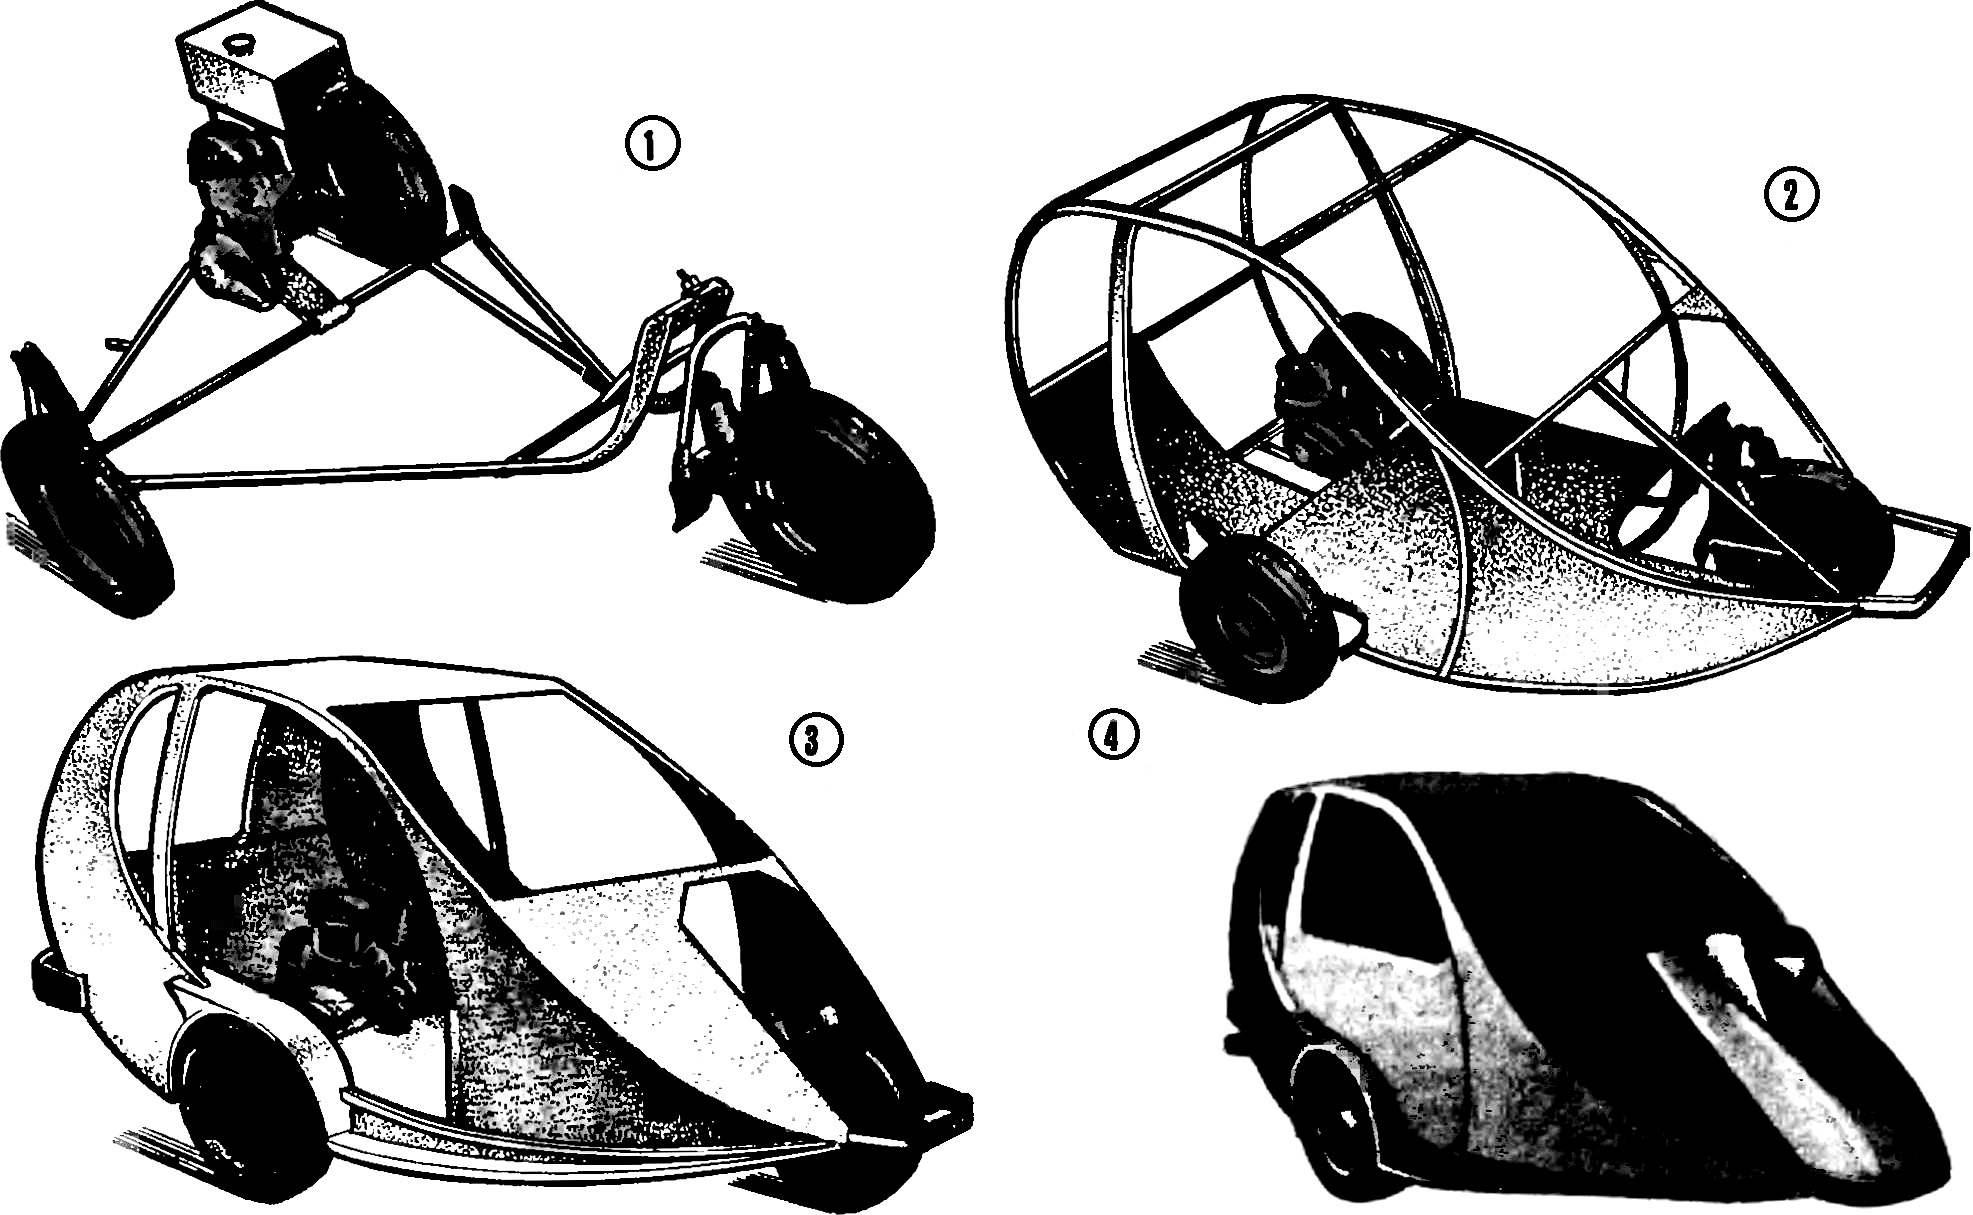 Рис. 3. Мотомобиль «Векша» на различных этапах его изготовления.